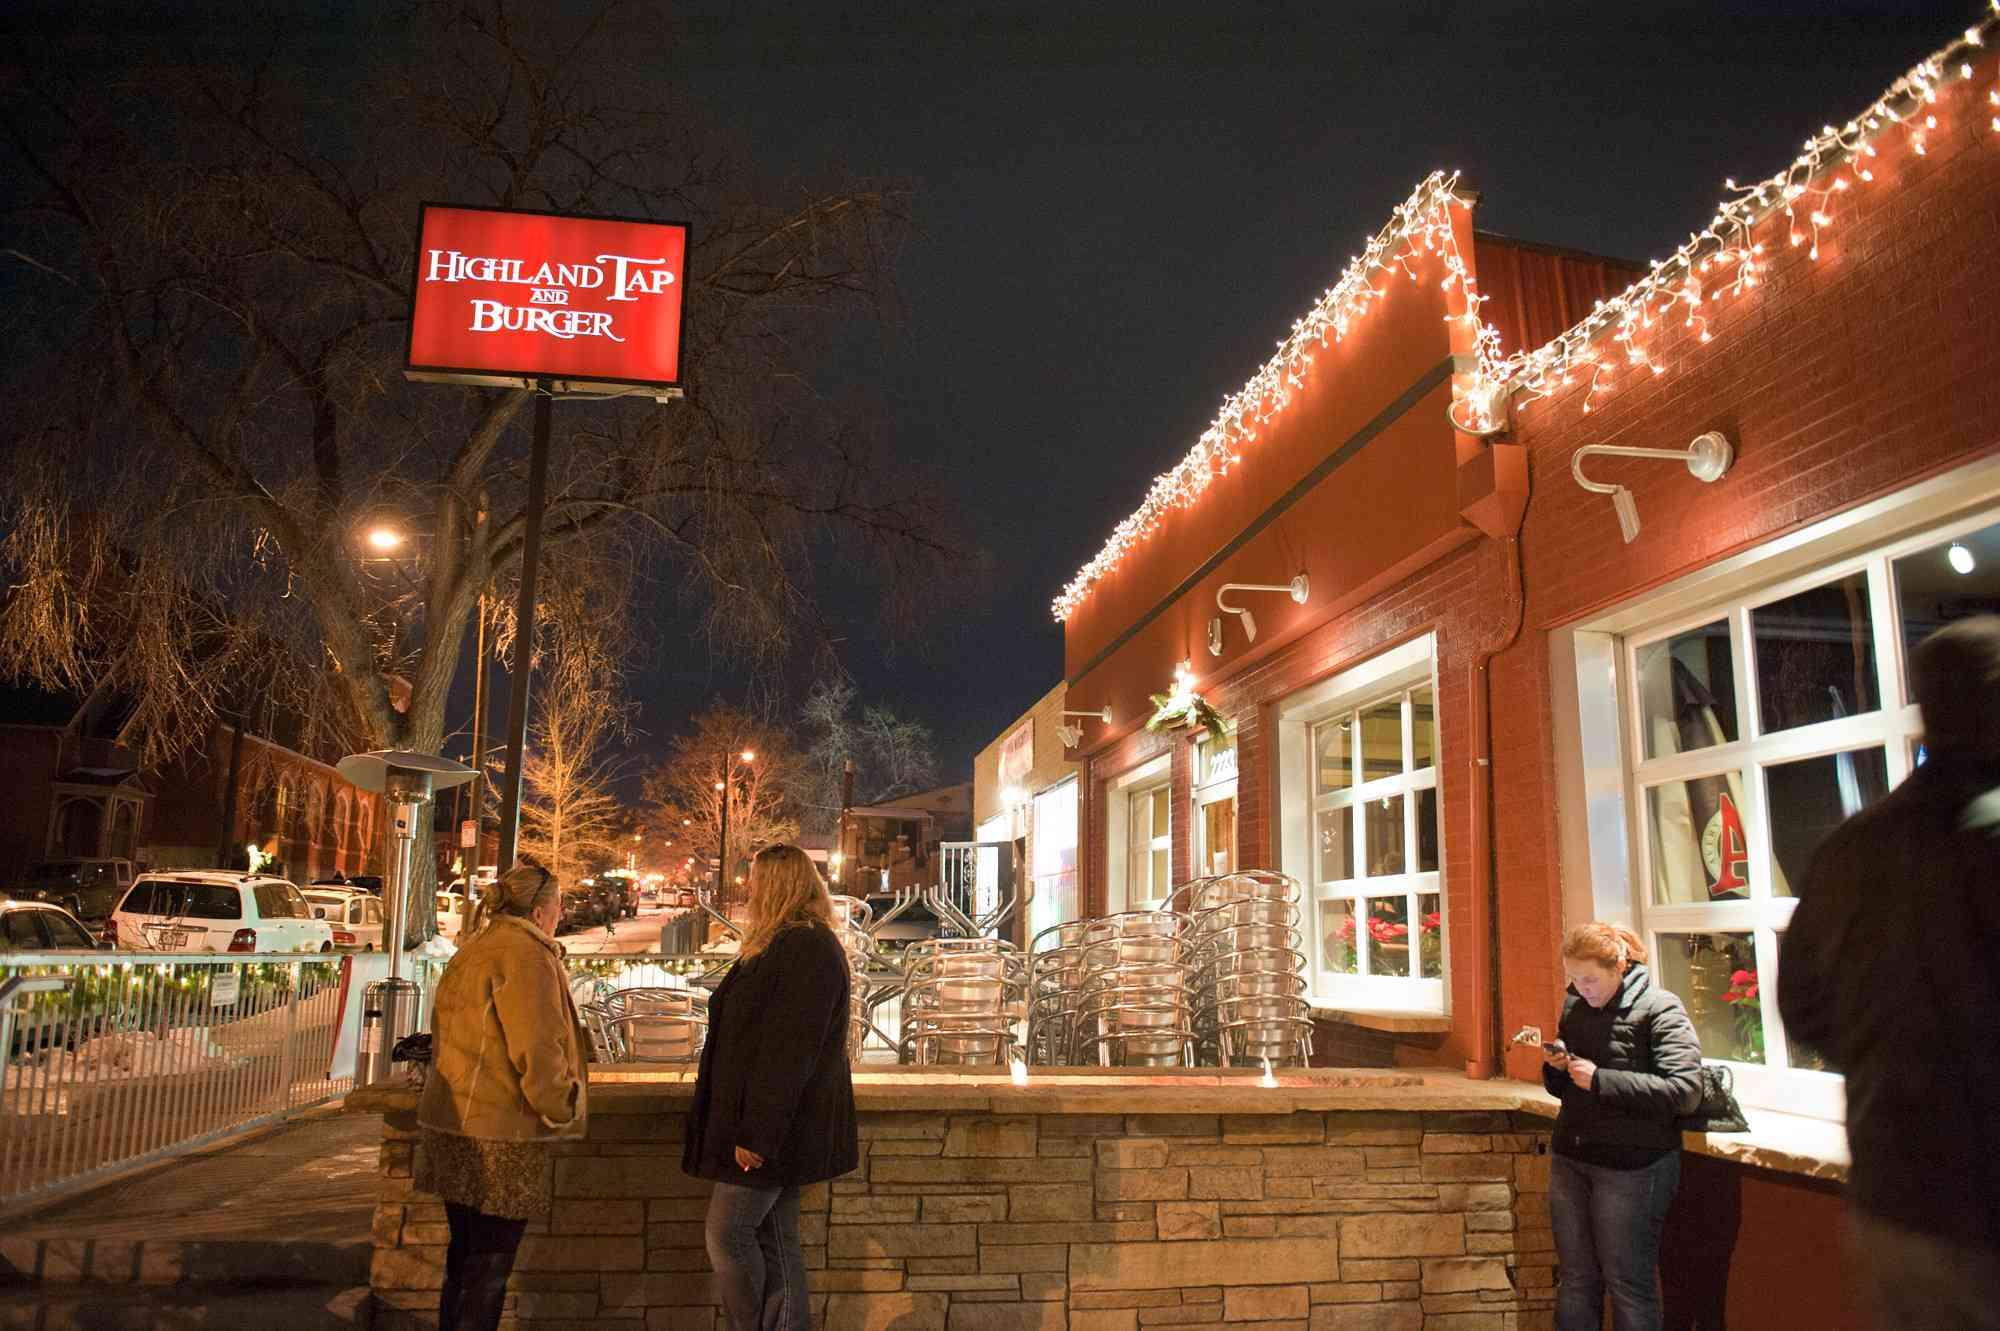 Highland Tap & Burger, Highland, Denver